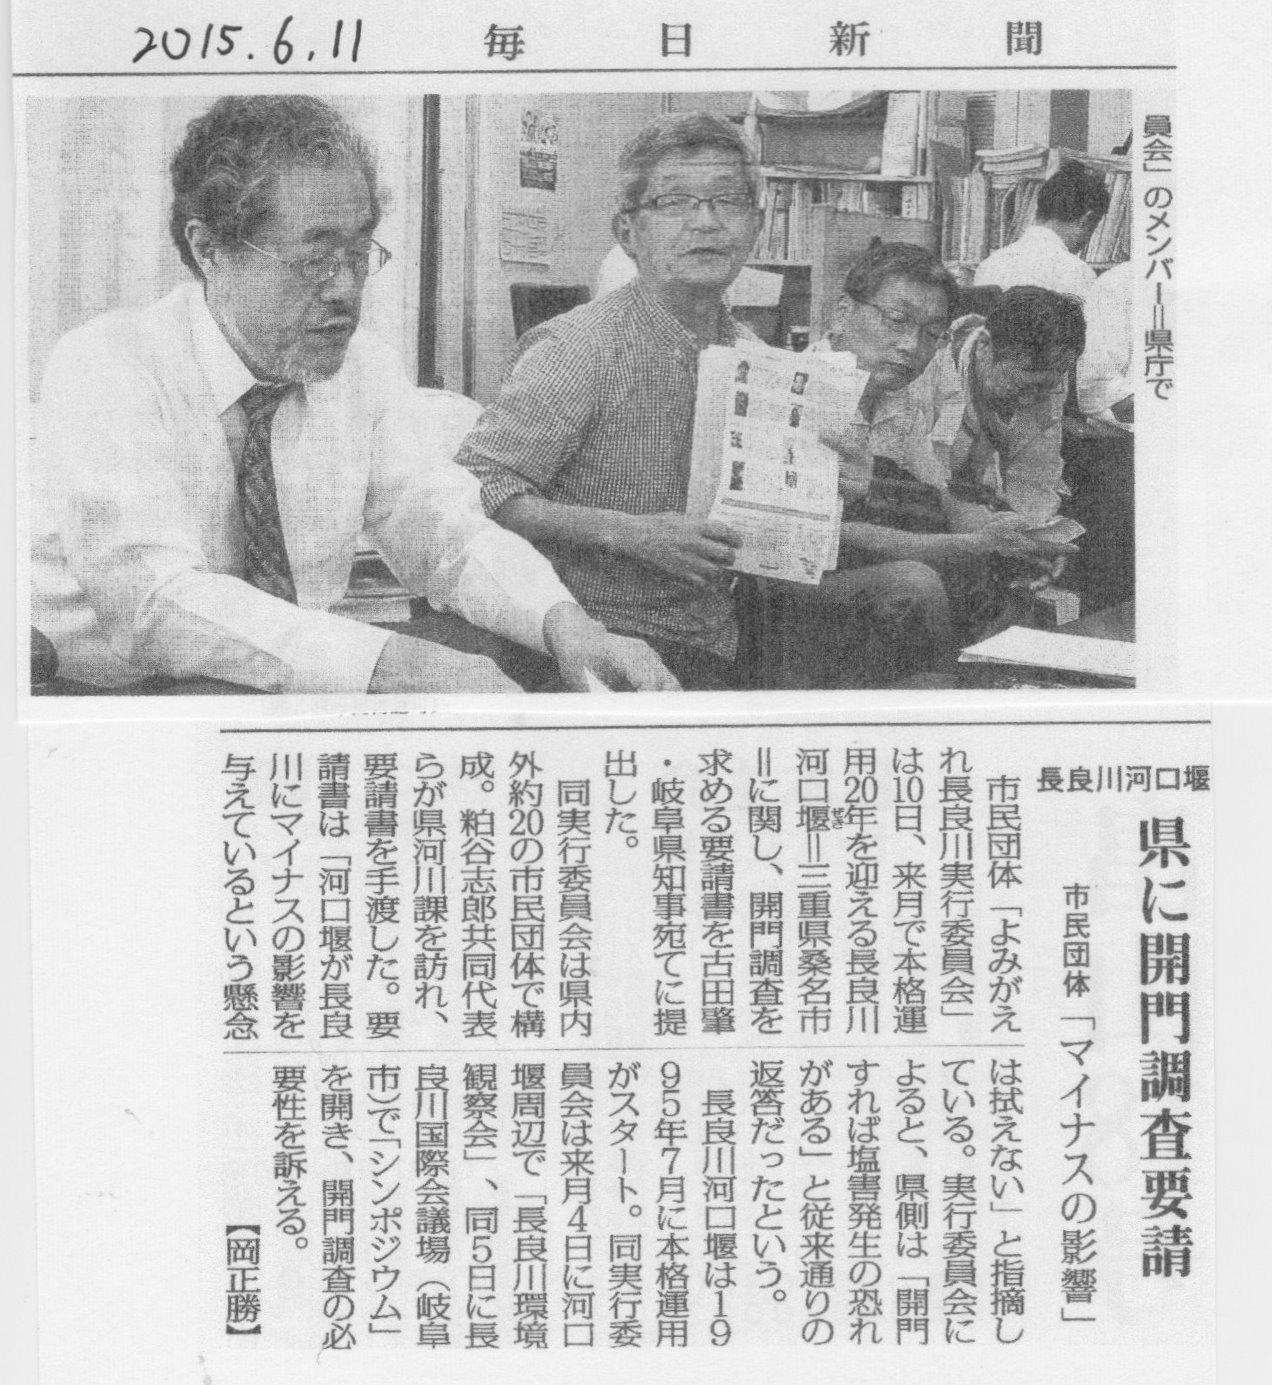 よみがえれ長良川実行委員会 岐阜県要請_f0197754_017512.jpg